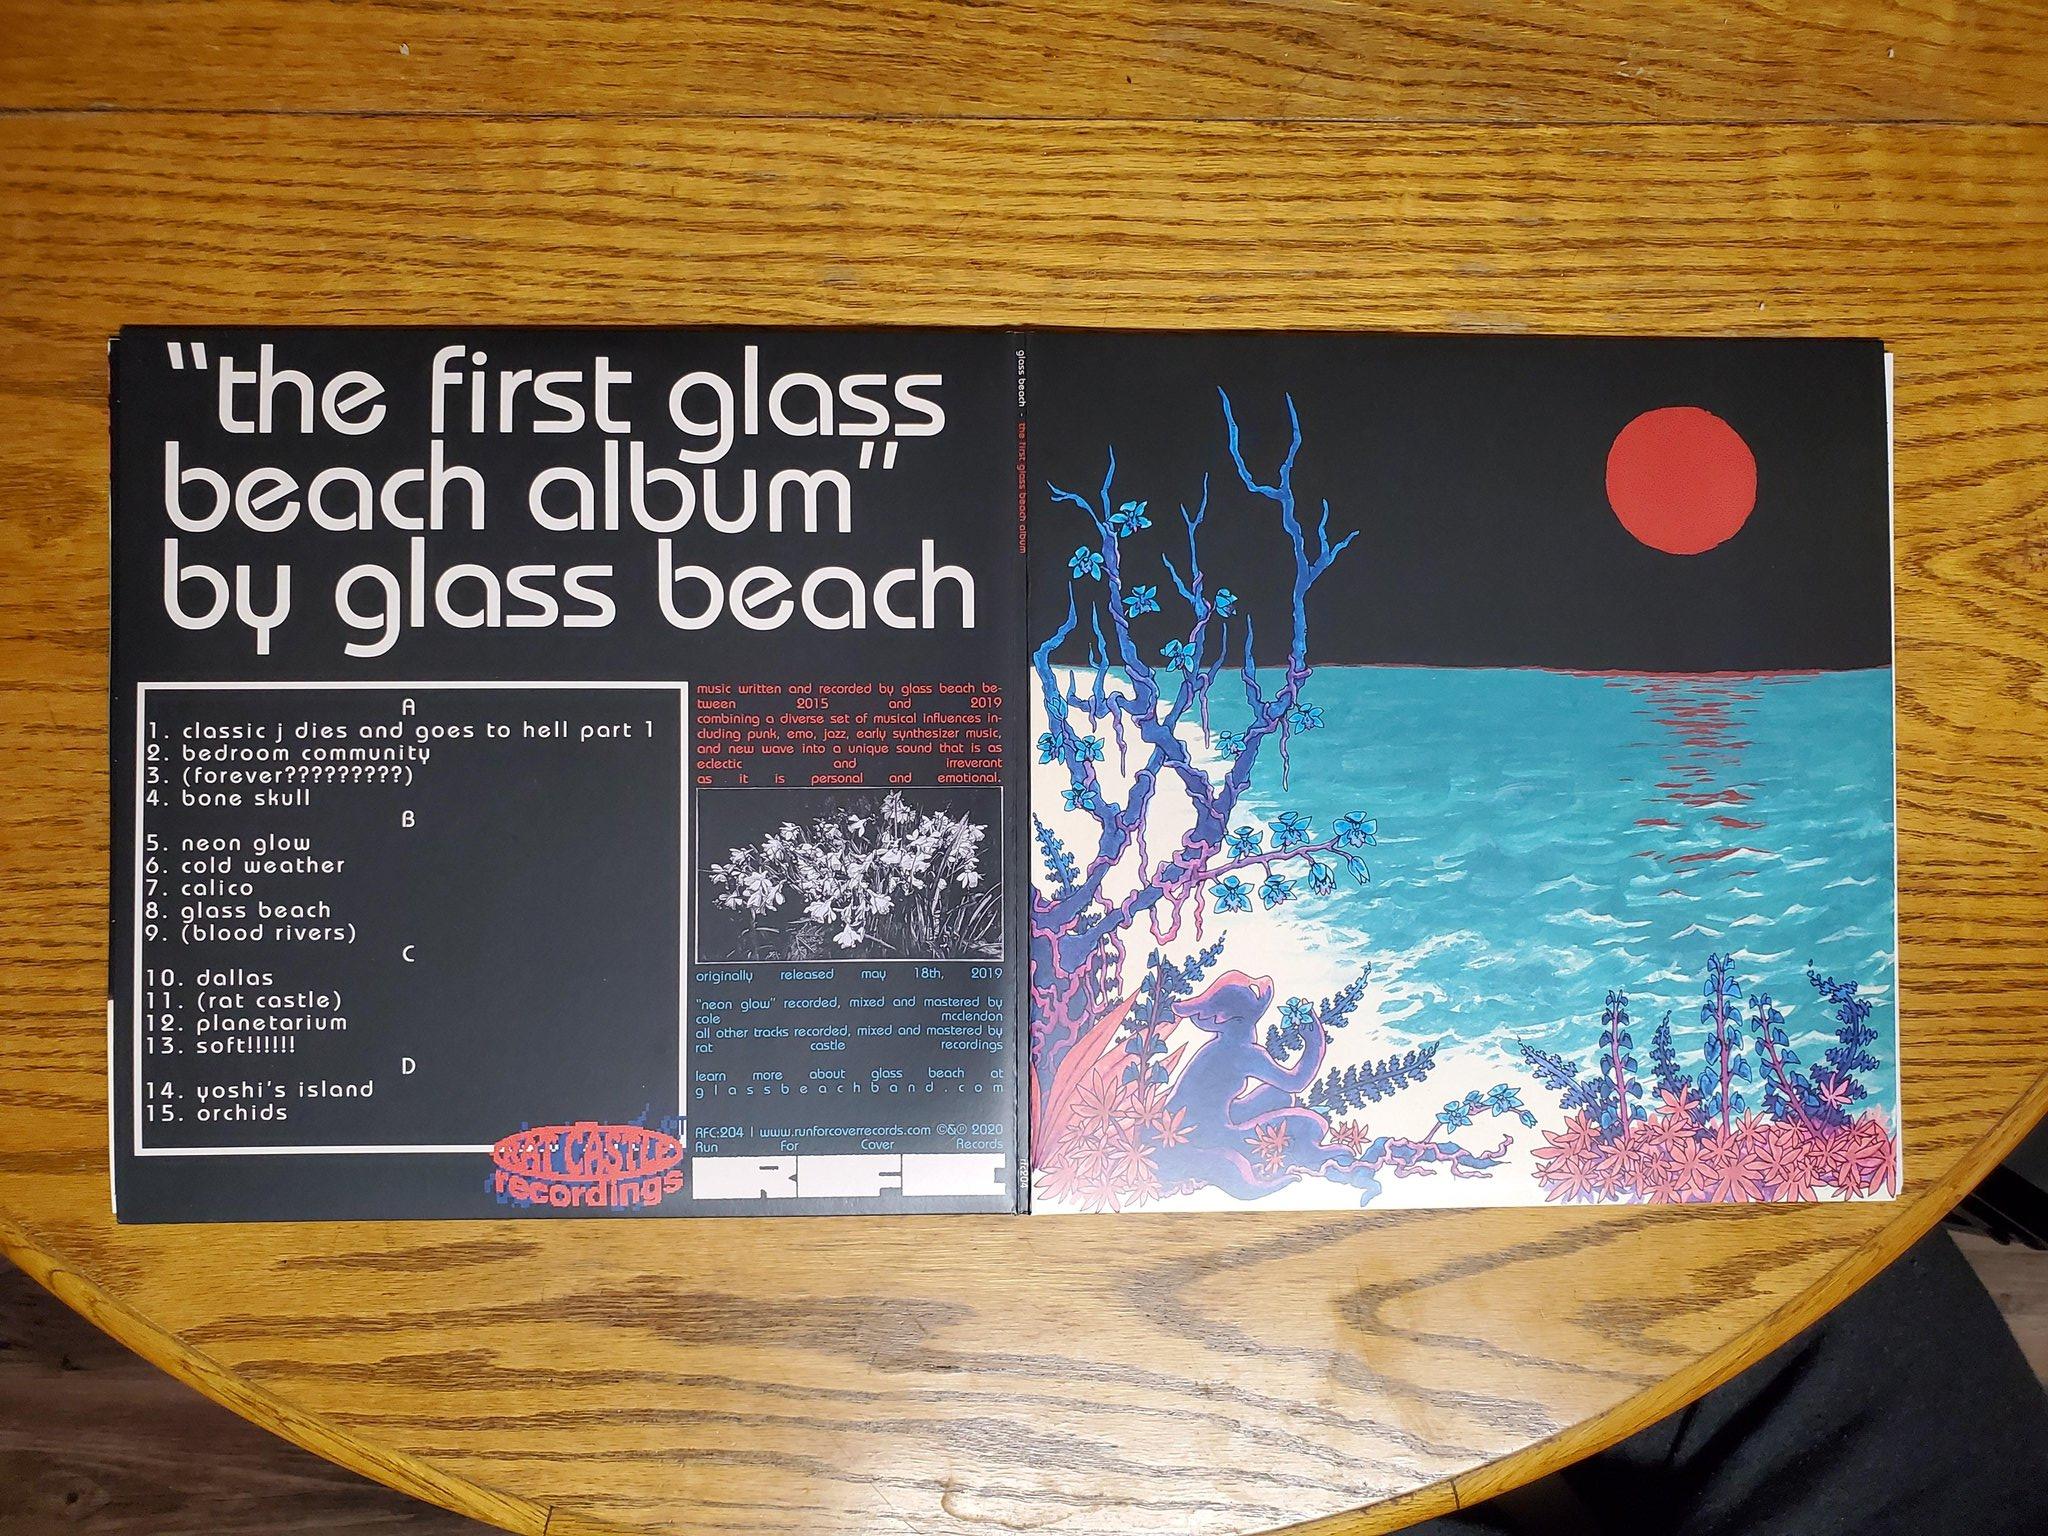 The First Glass Beach Remix Album V Tvittere The First Glass Beach Album On Vinyl